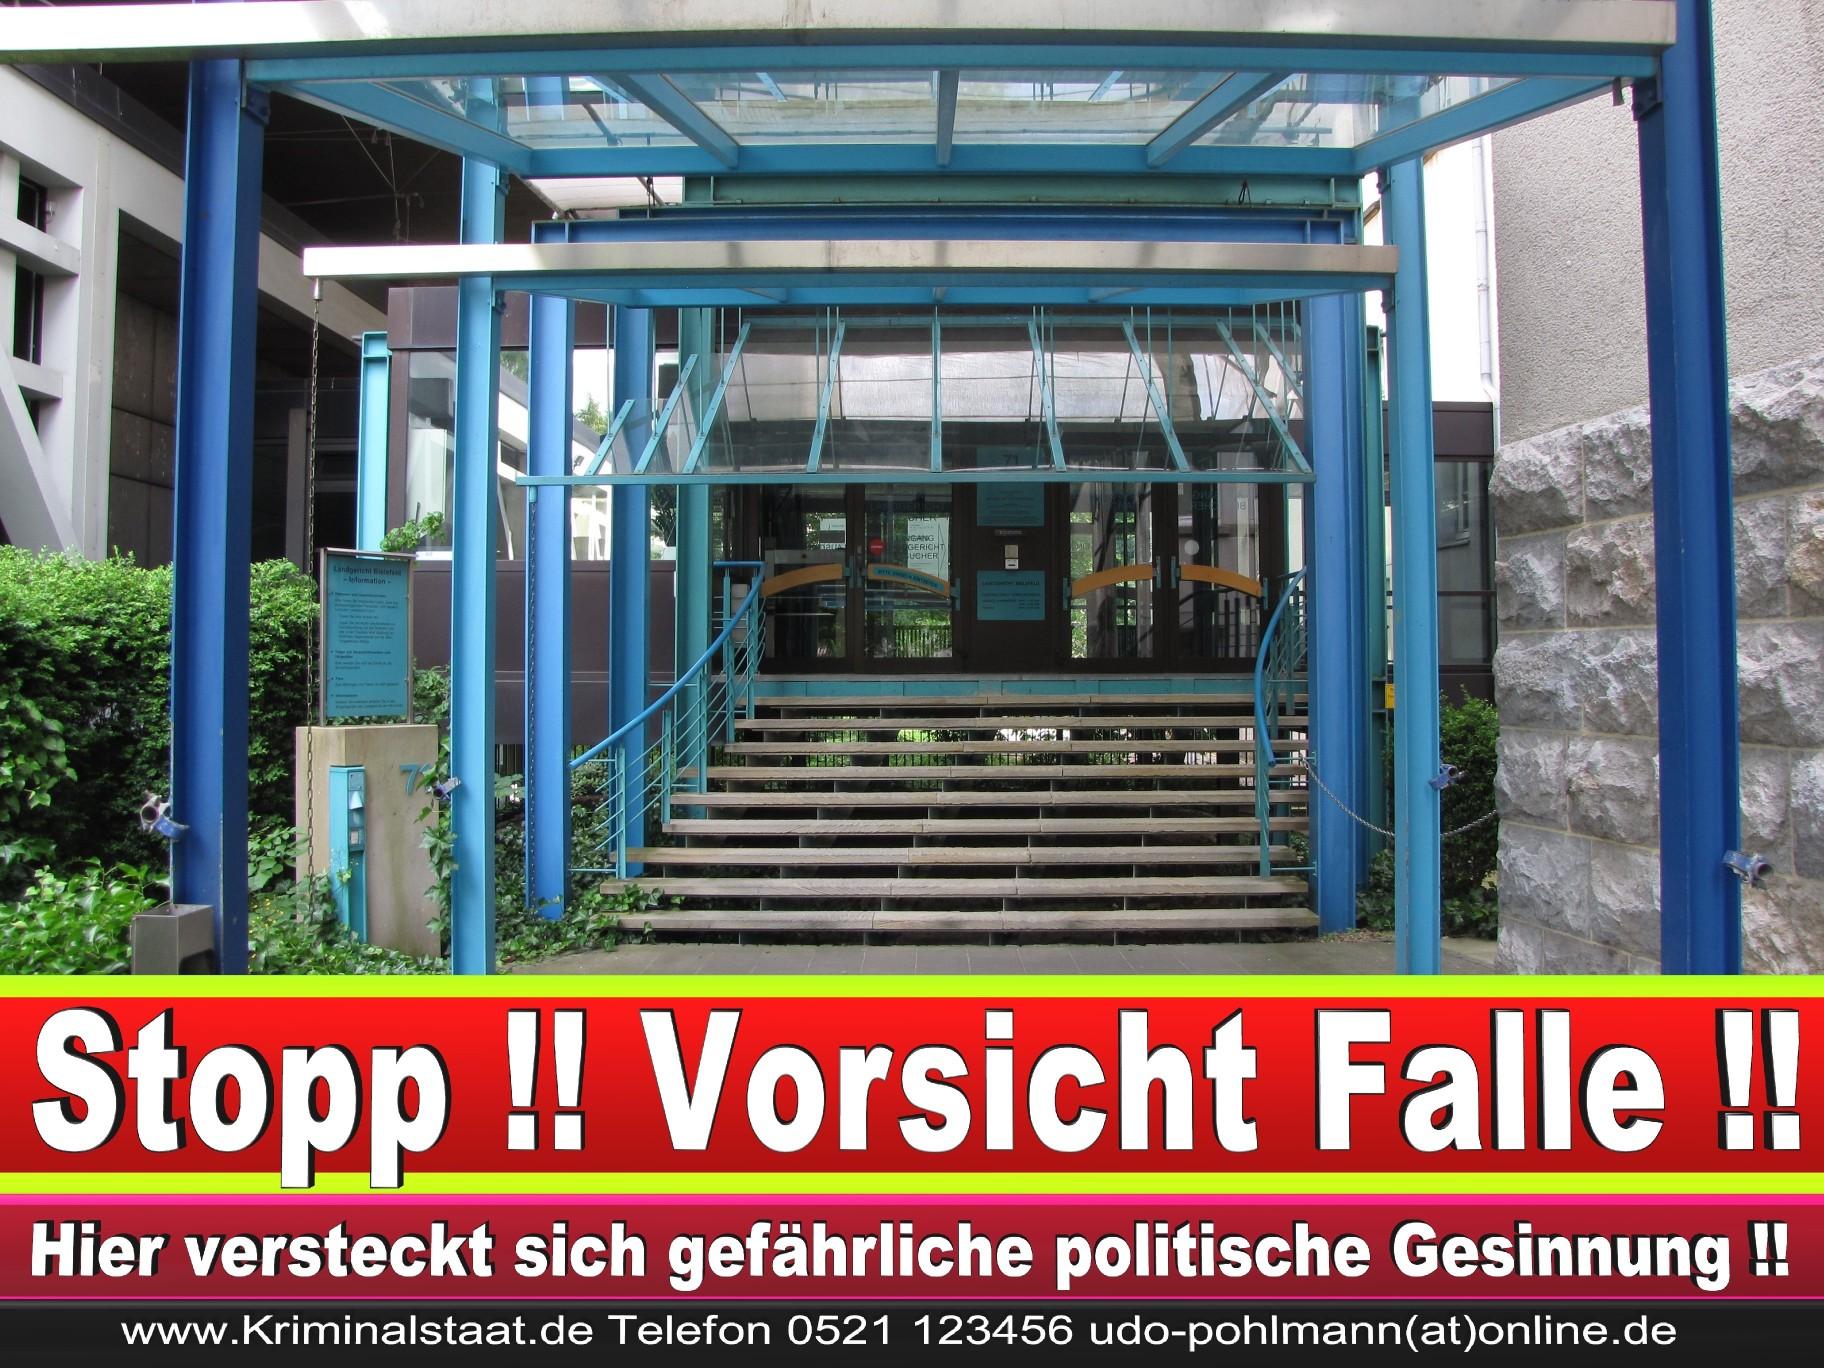 CDU Landgericht Bielefeld Landgerichtspräsident Klaus Petermann Hochstraße Bünde Jens Gnisa Richterbund Richtervereinigung 29